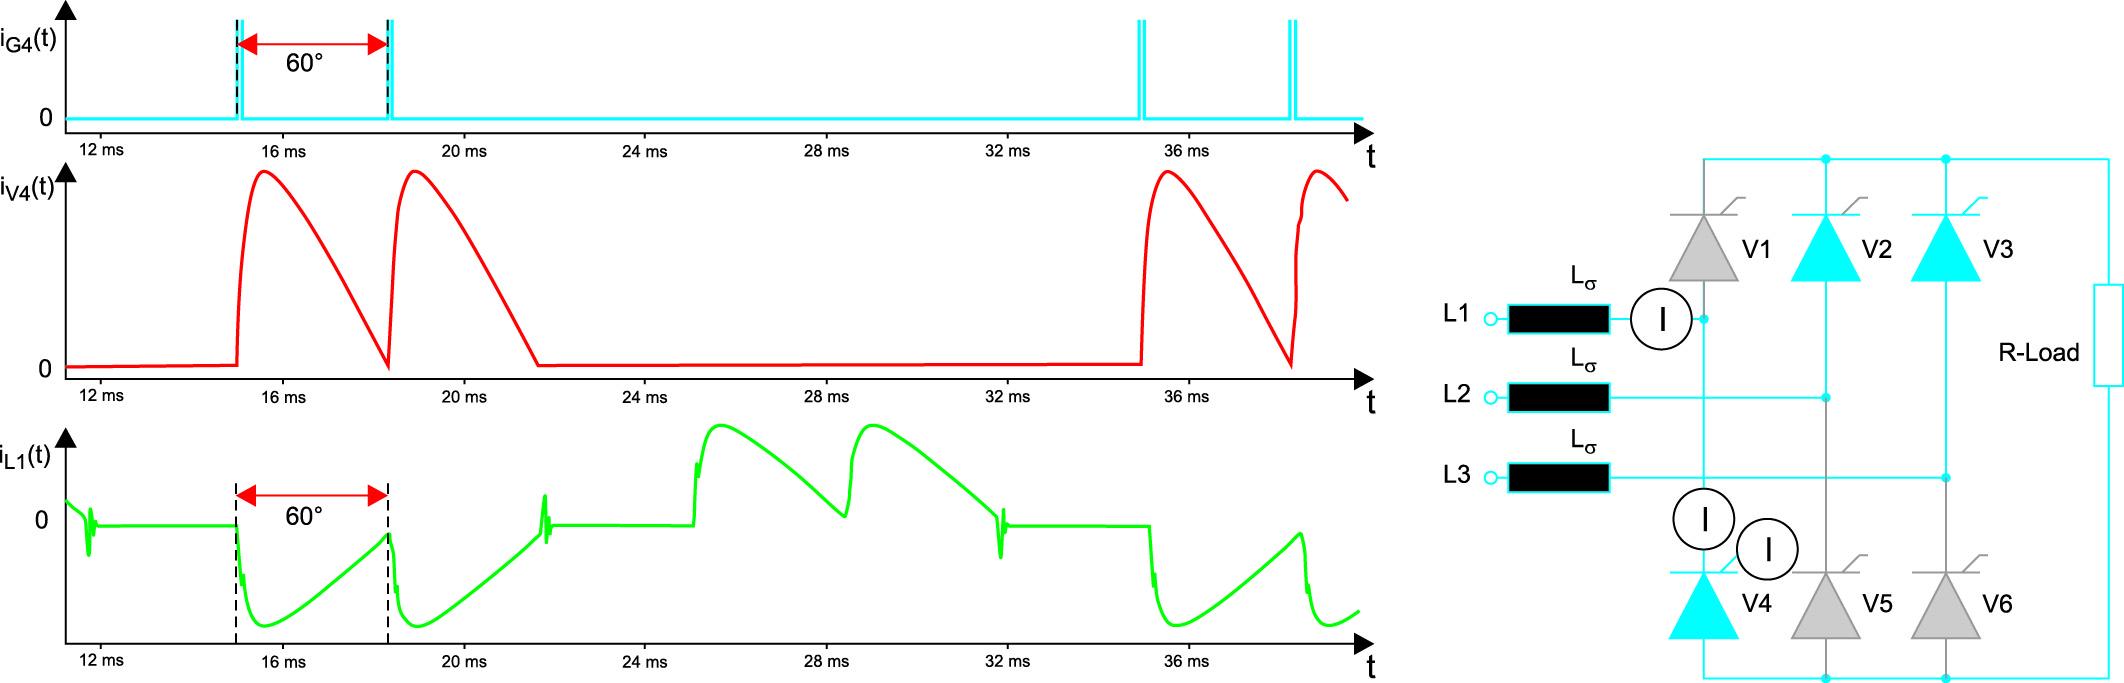 Эпюры токов в управляемом мостовом выпрямителе (схема B6) с непрерывным выходным током (пример моделирования для V4)